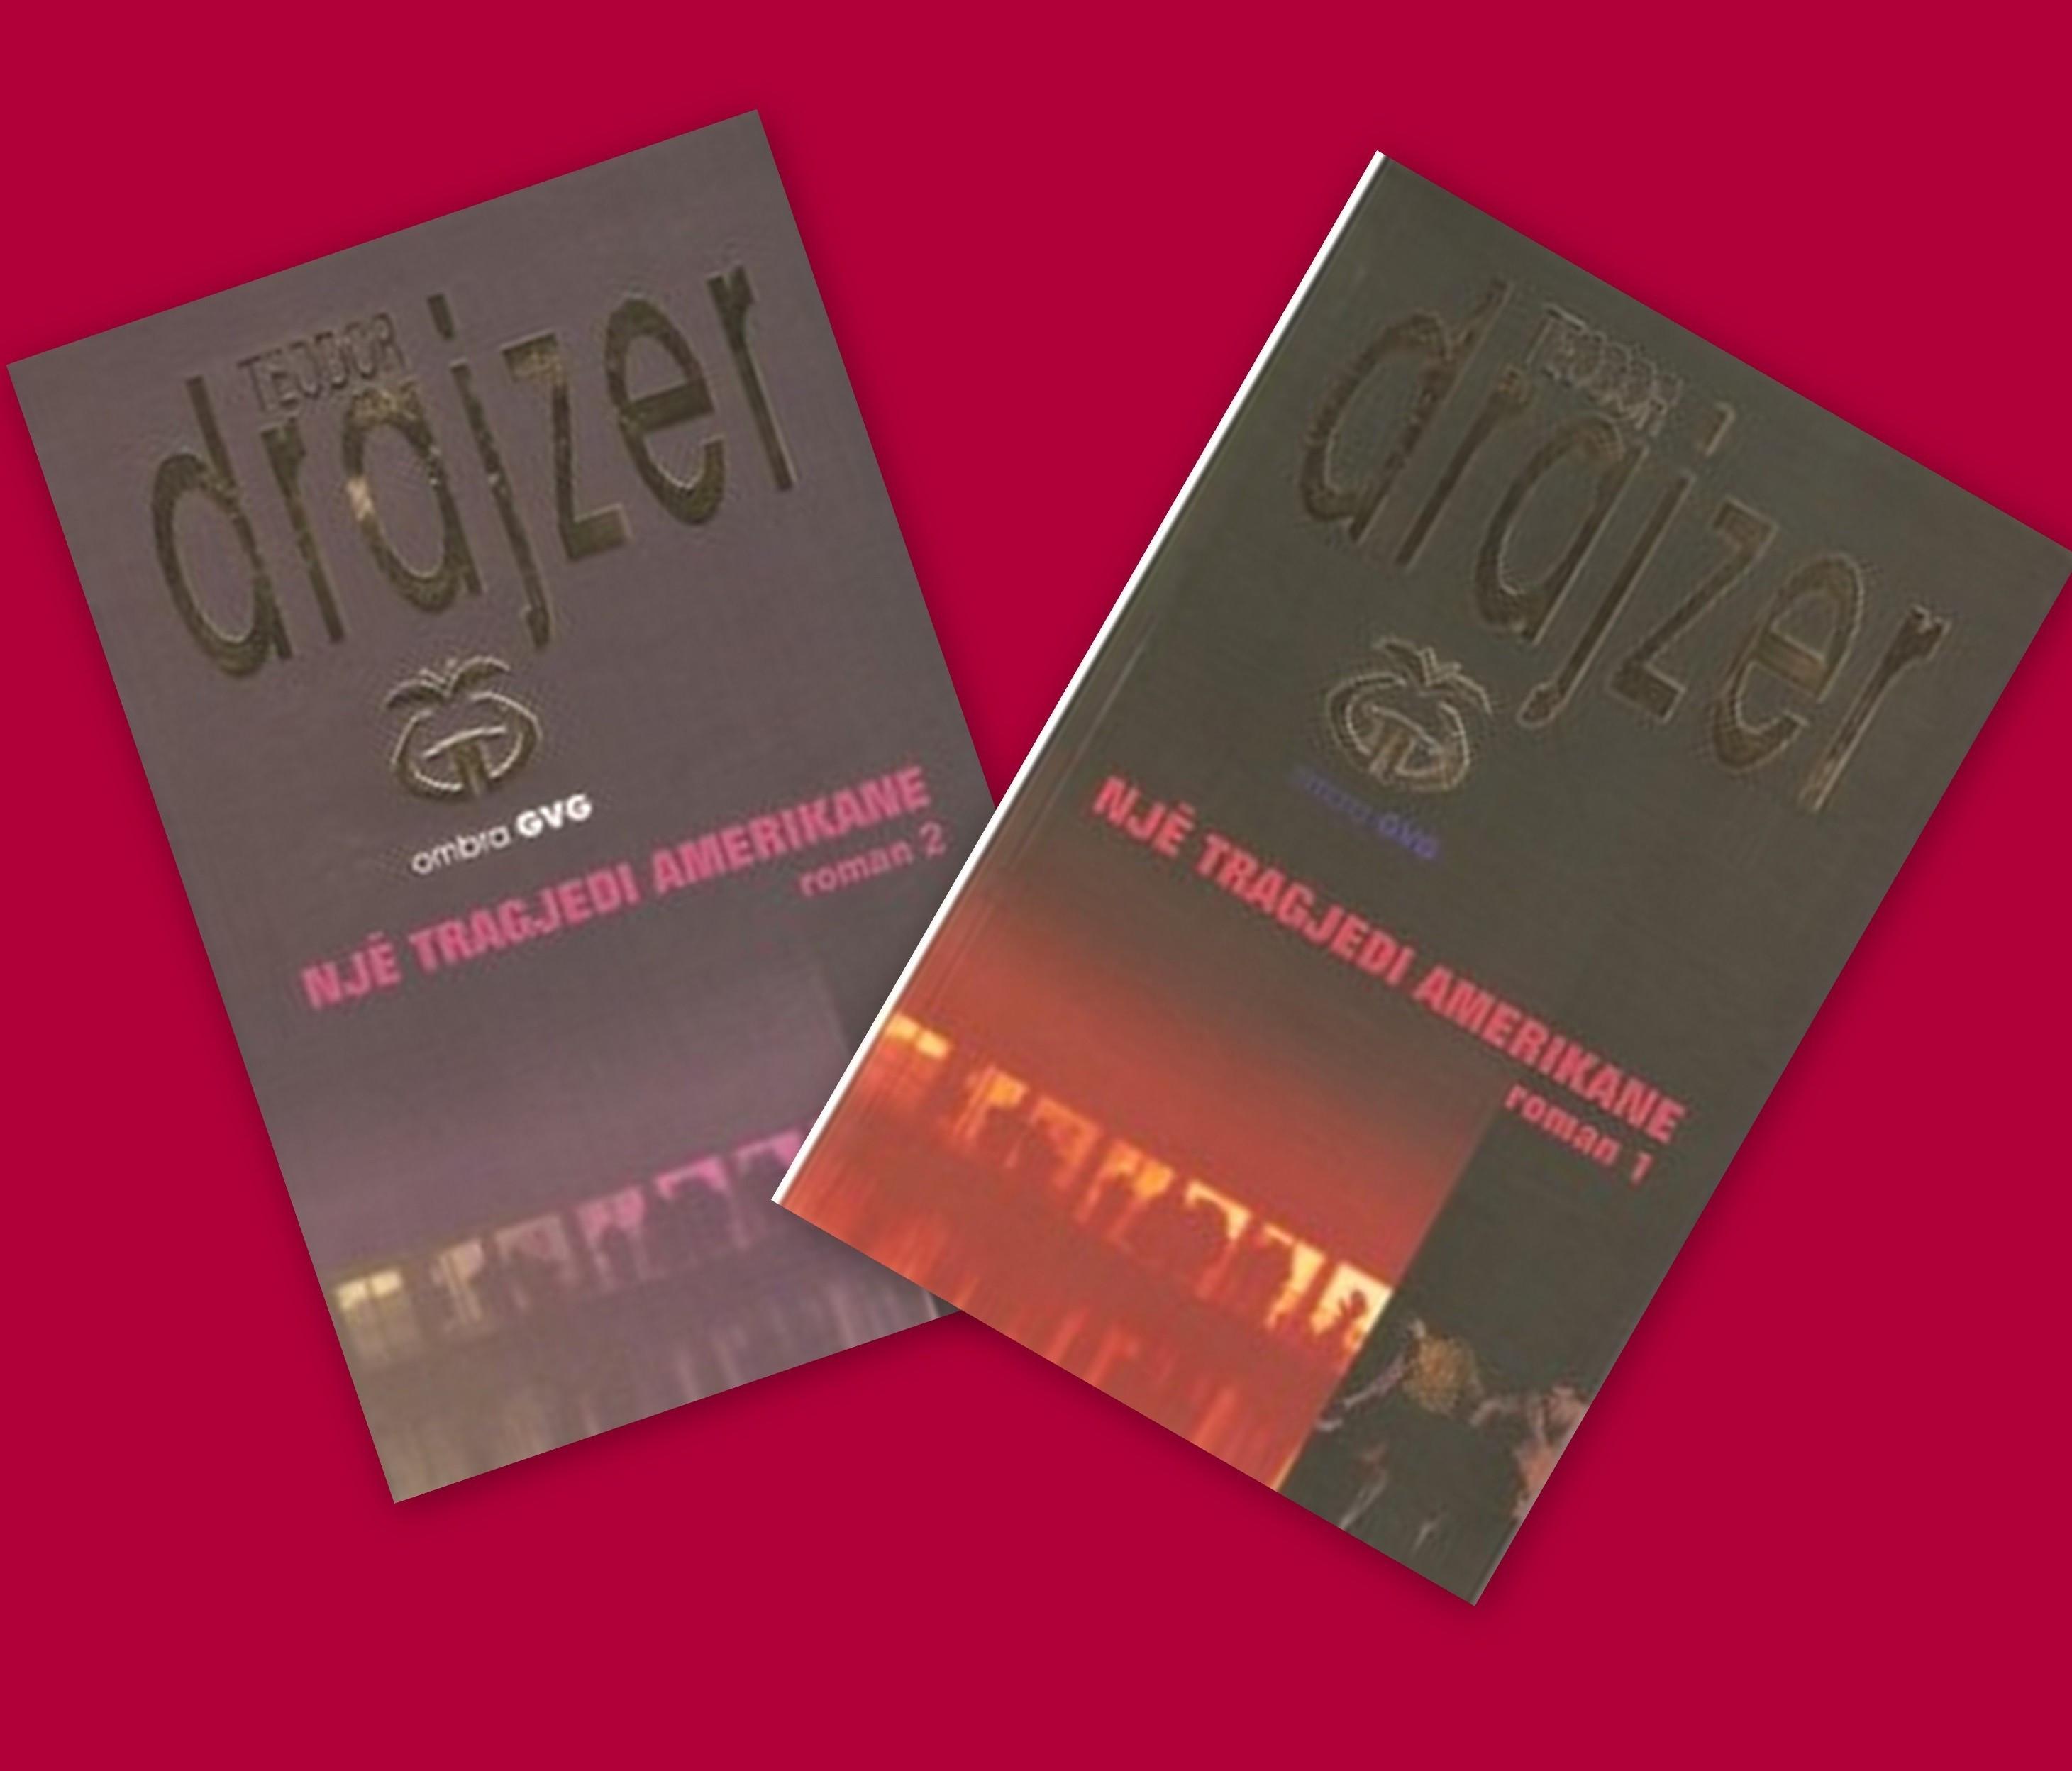 Një tragjedi amerikane – i plotë, set 2 libra